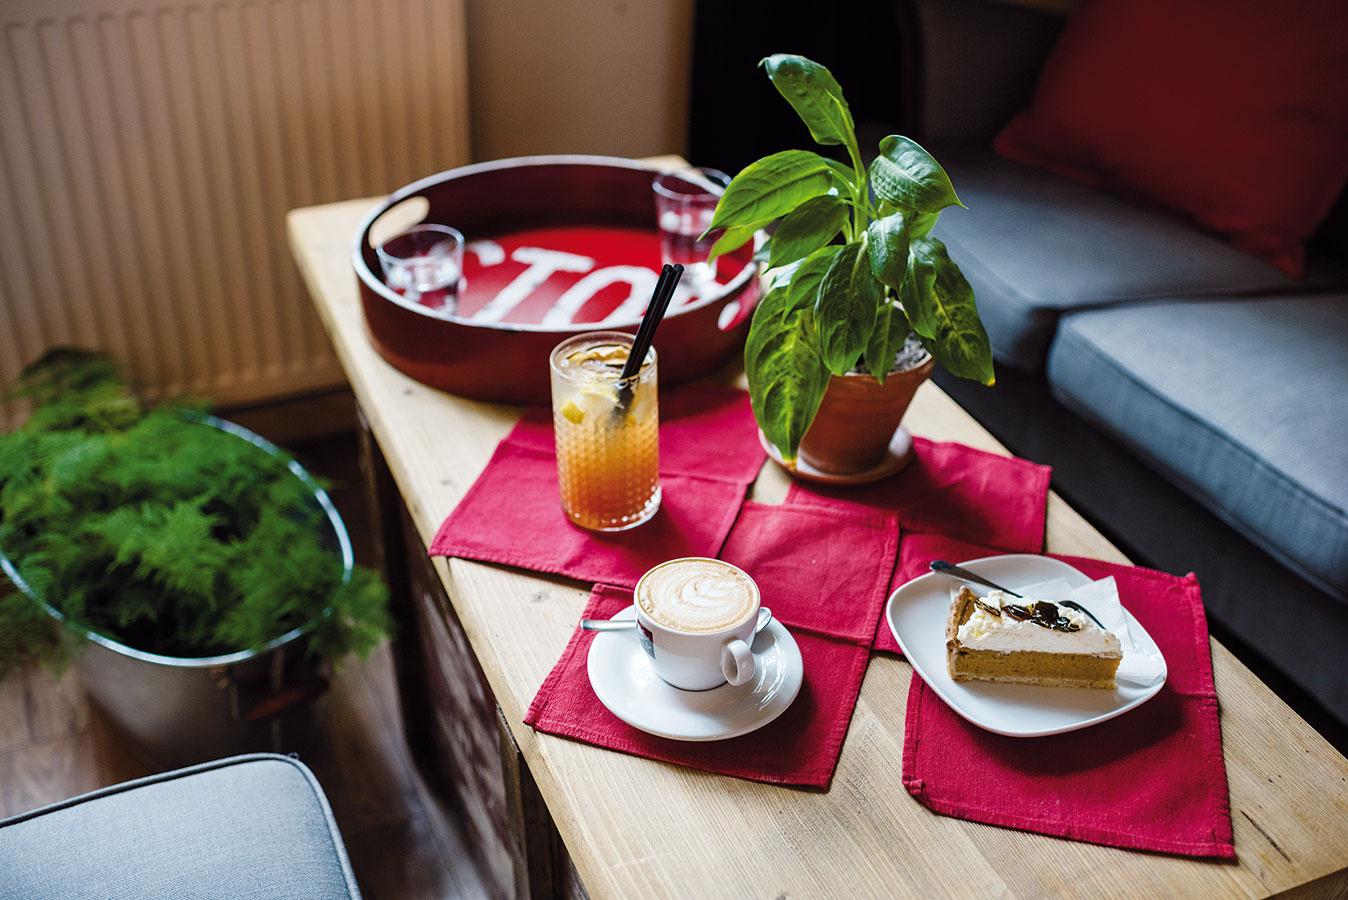 Kaviareň ponúka okrem širokého sortimentu kávy, rôznych alko anealko nápojov araňajkového menu aj rôzne koláče avjesennom azimnom období obedovú polievku, ktorá je každý deň iná.